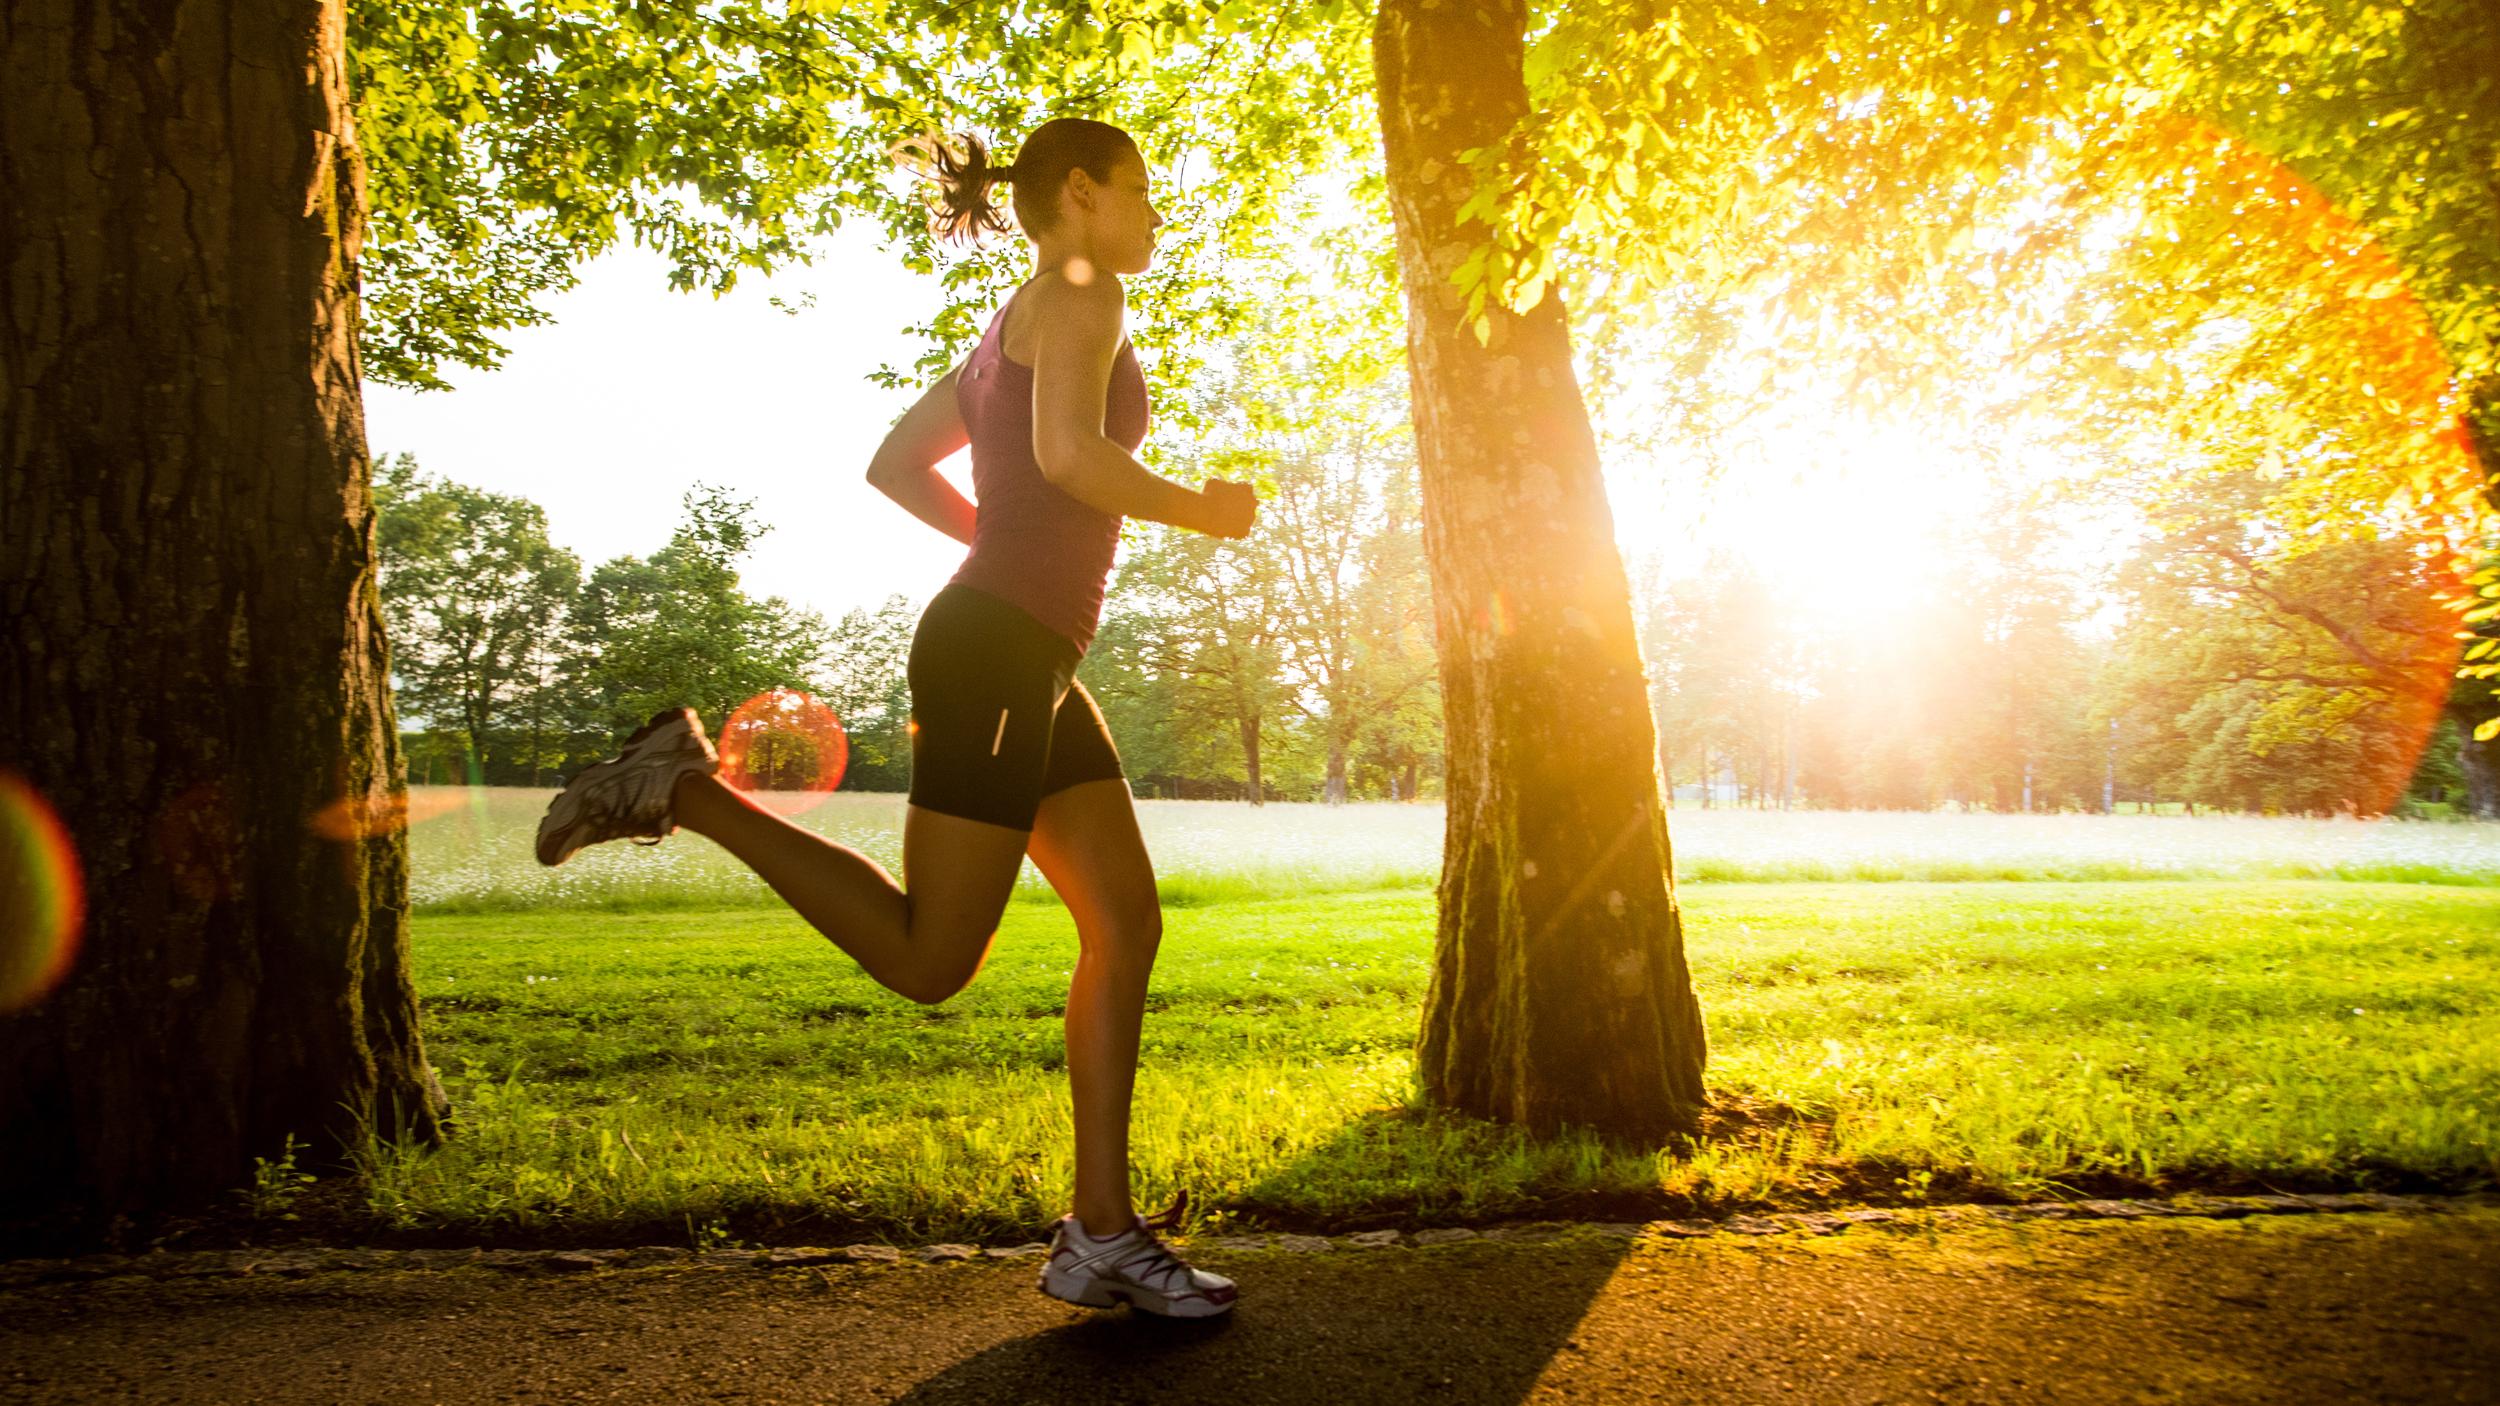 Αθλητισμός Οφέλη Υγεία: Η άσκηση 30 λεπτών την ημέρα μειώνει τον κίνδυνο θνησιμότητας [vid]